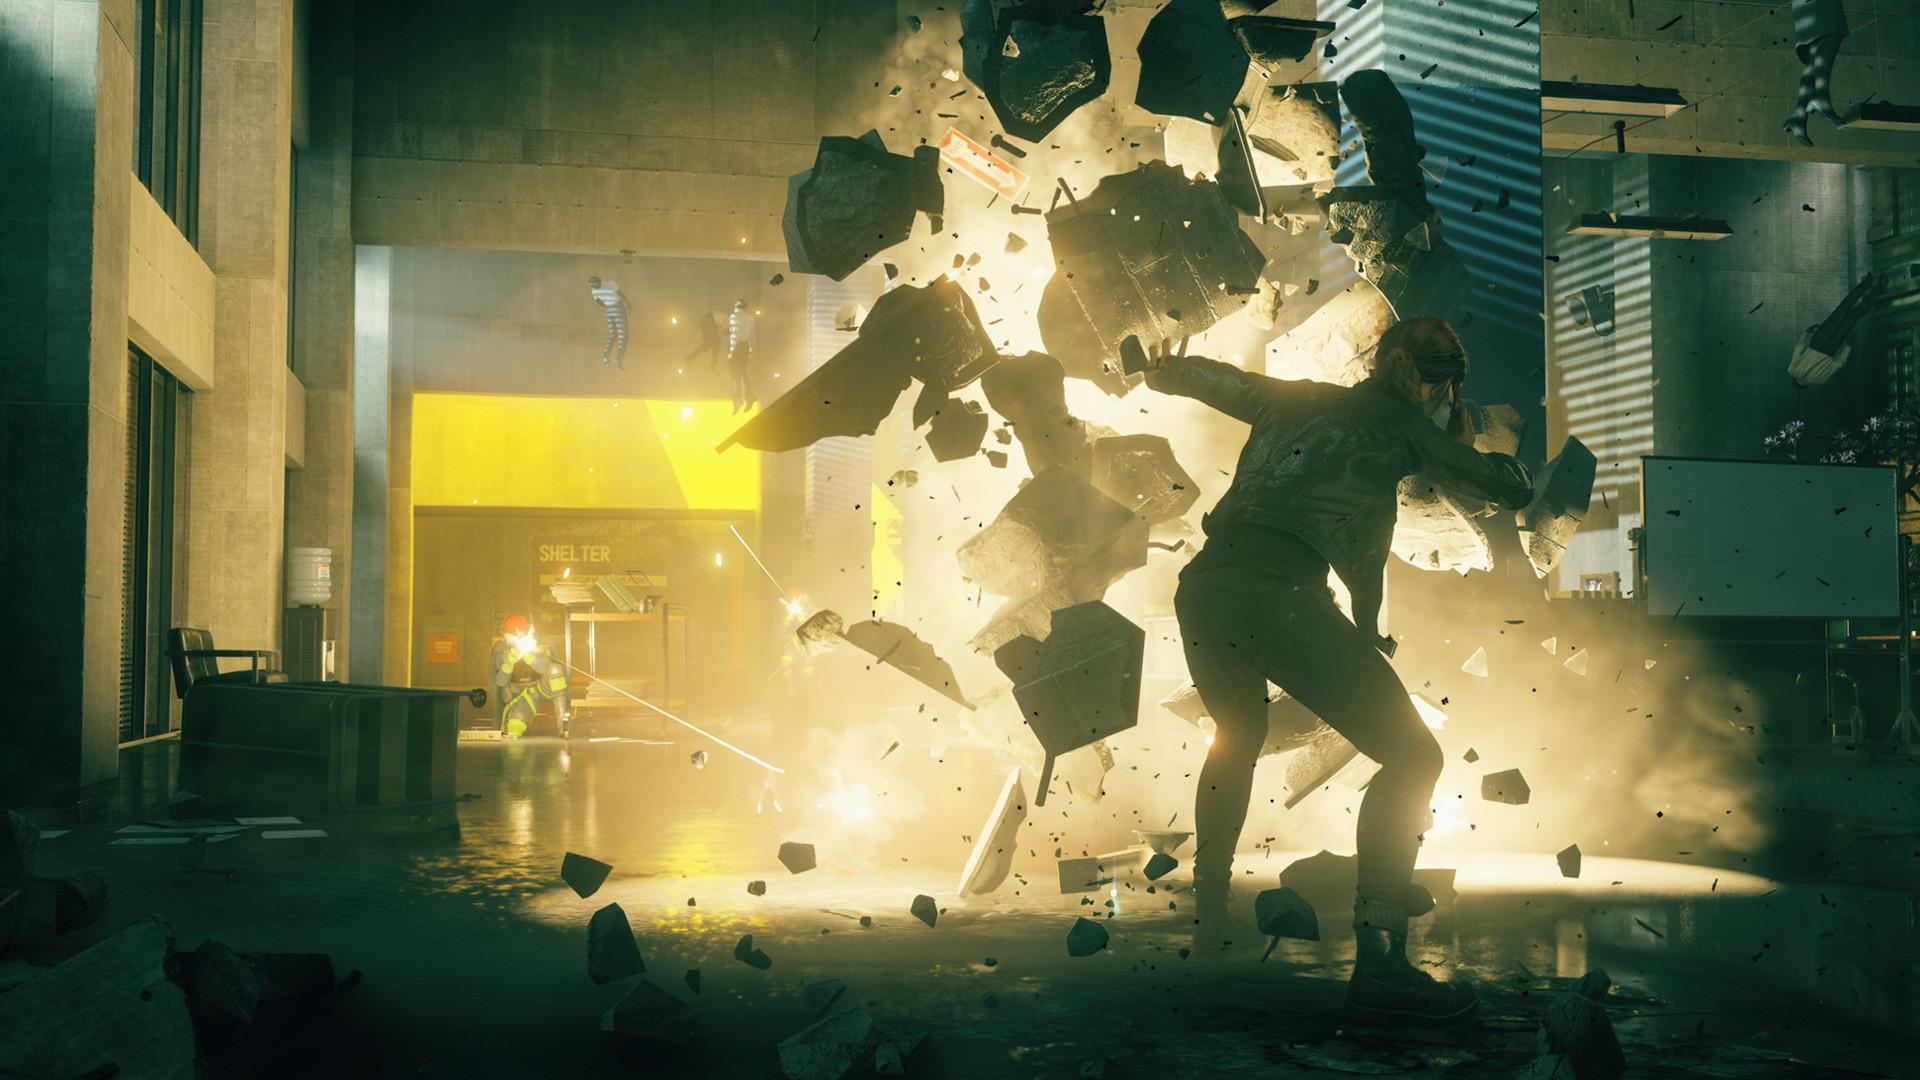 В Epic Games Store началась раздача Control, на очереди — Hell is Other Demons и Overcooked! 2